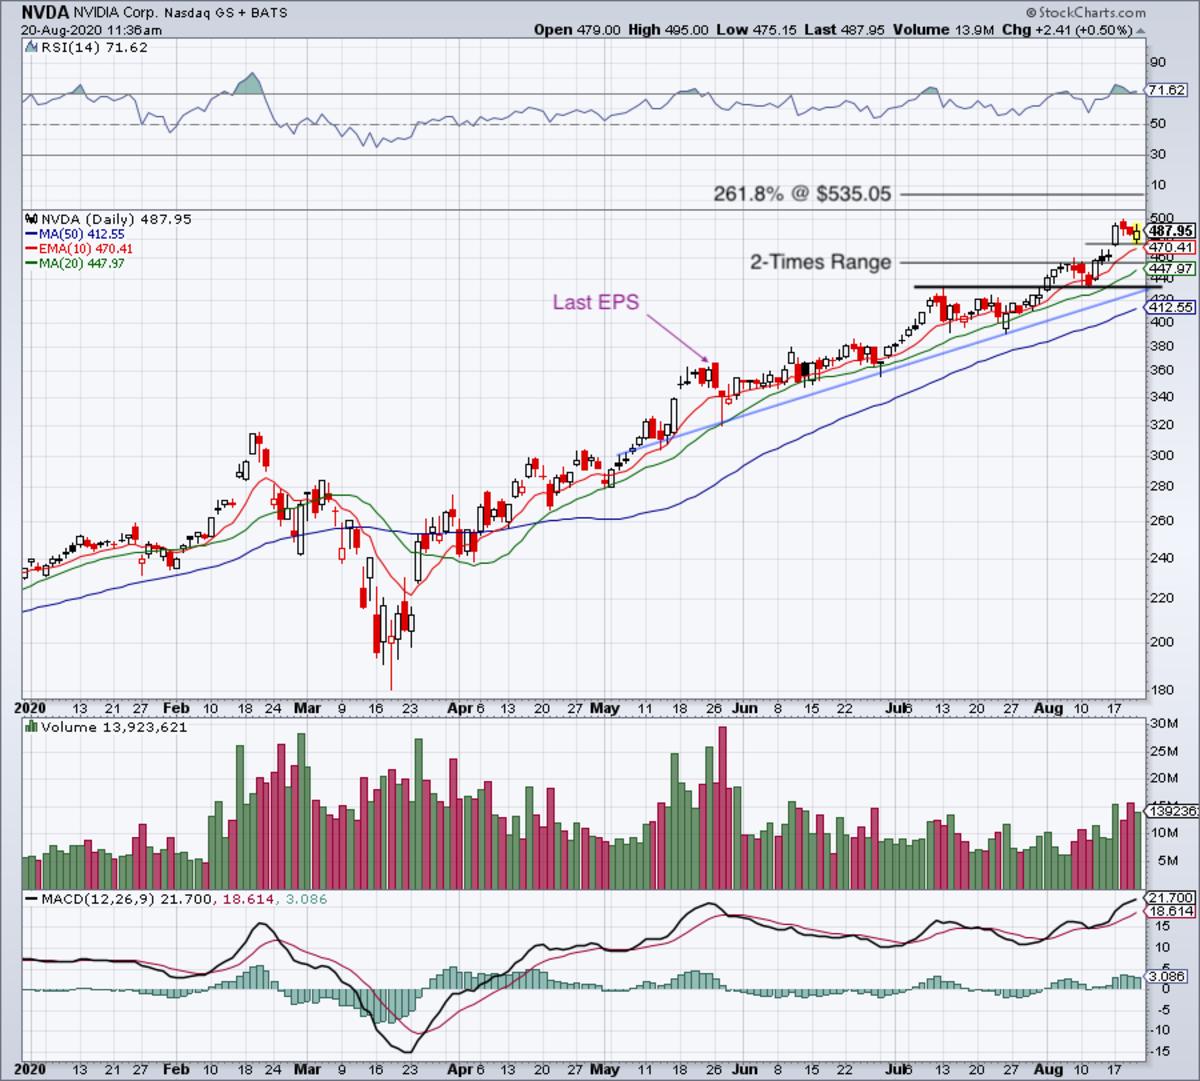 Daily chart of Nvidia stock.